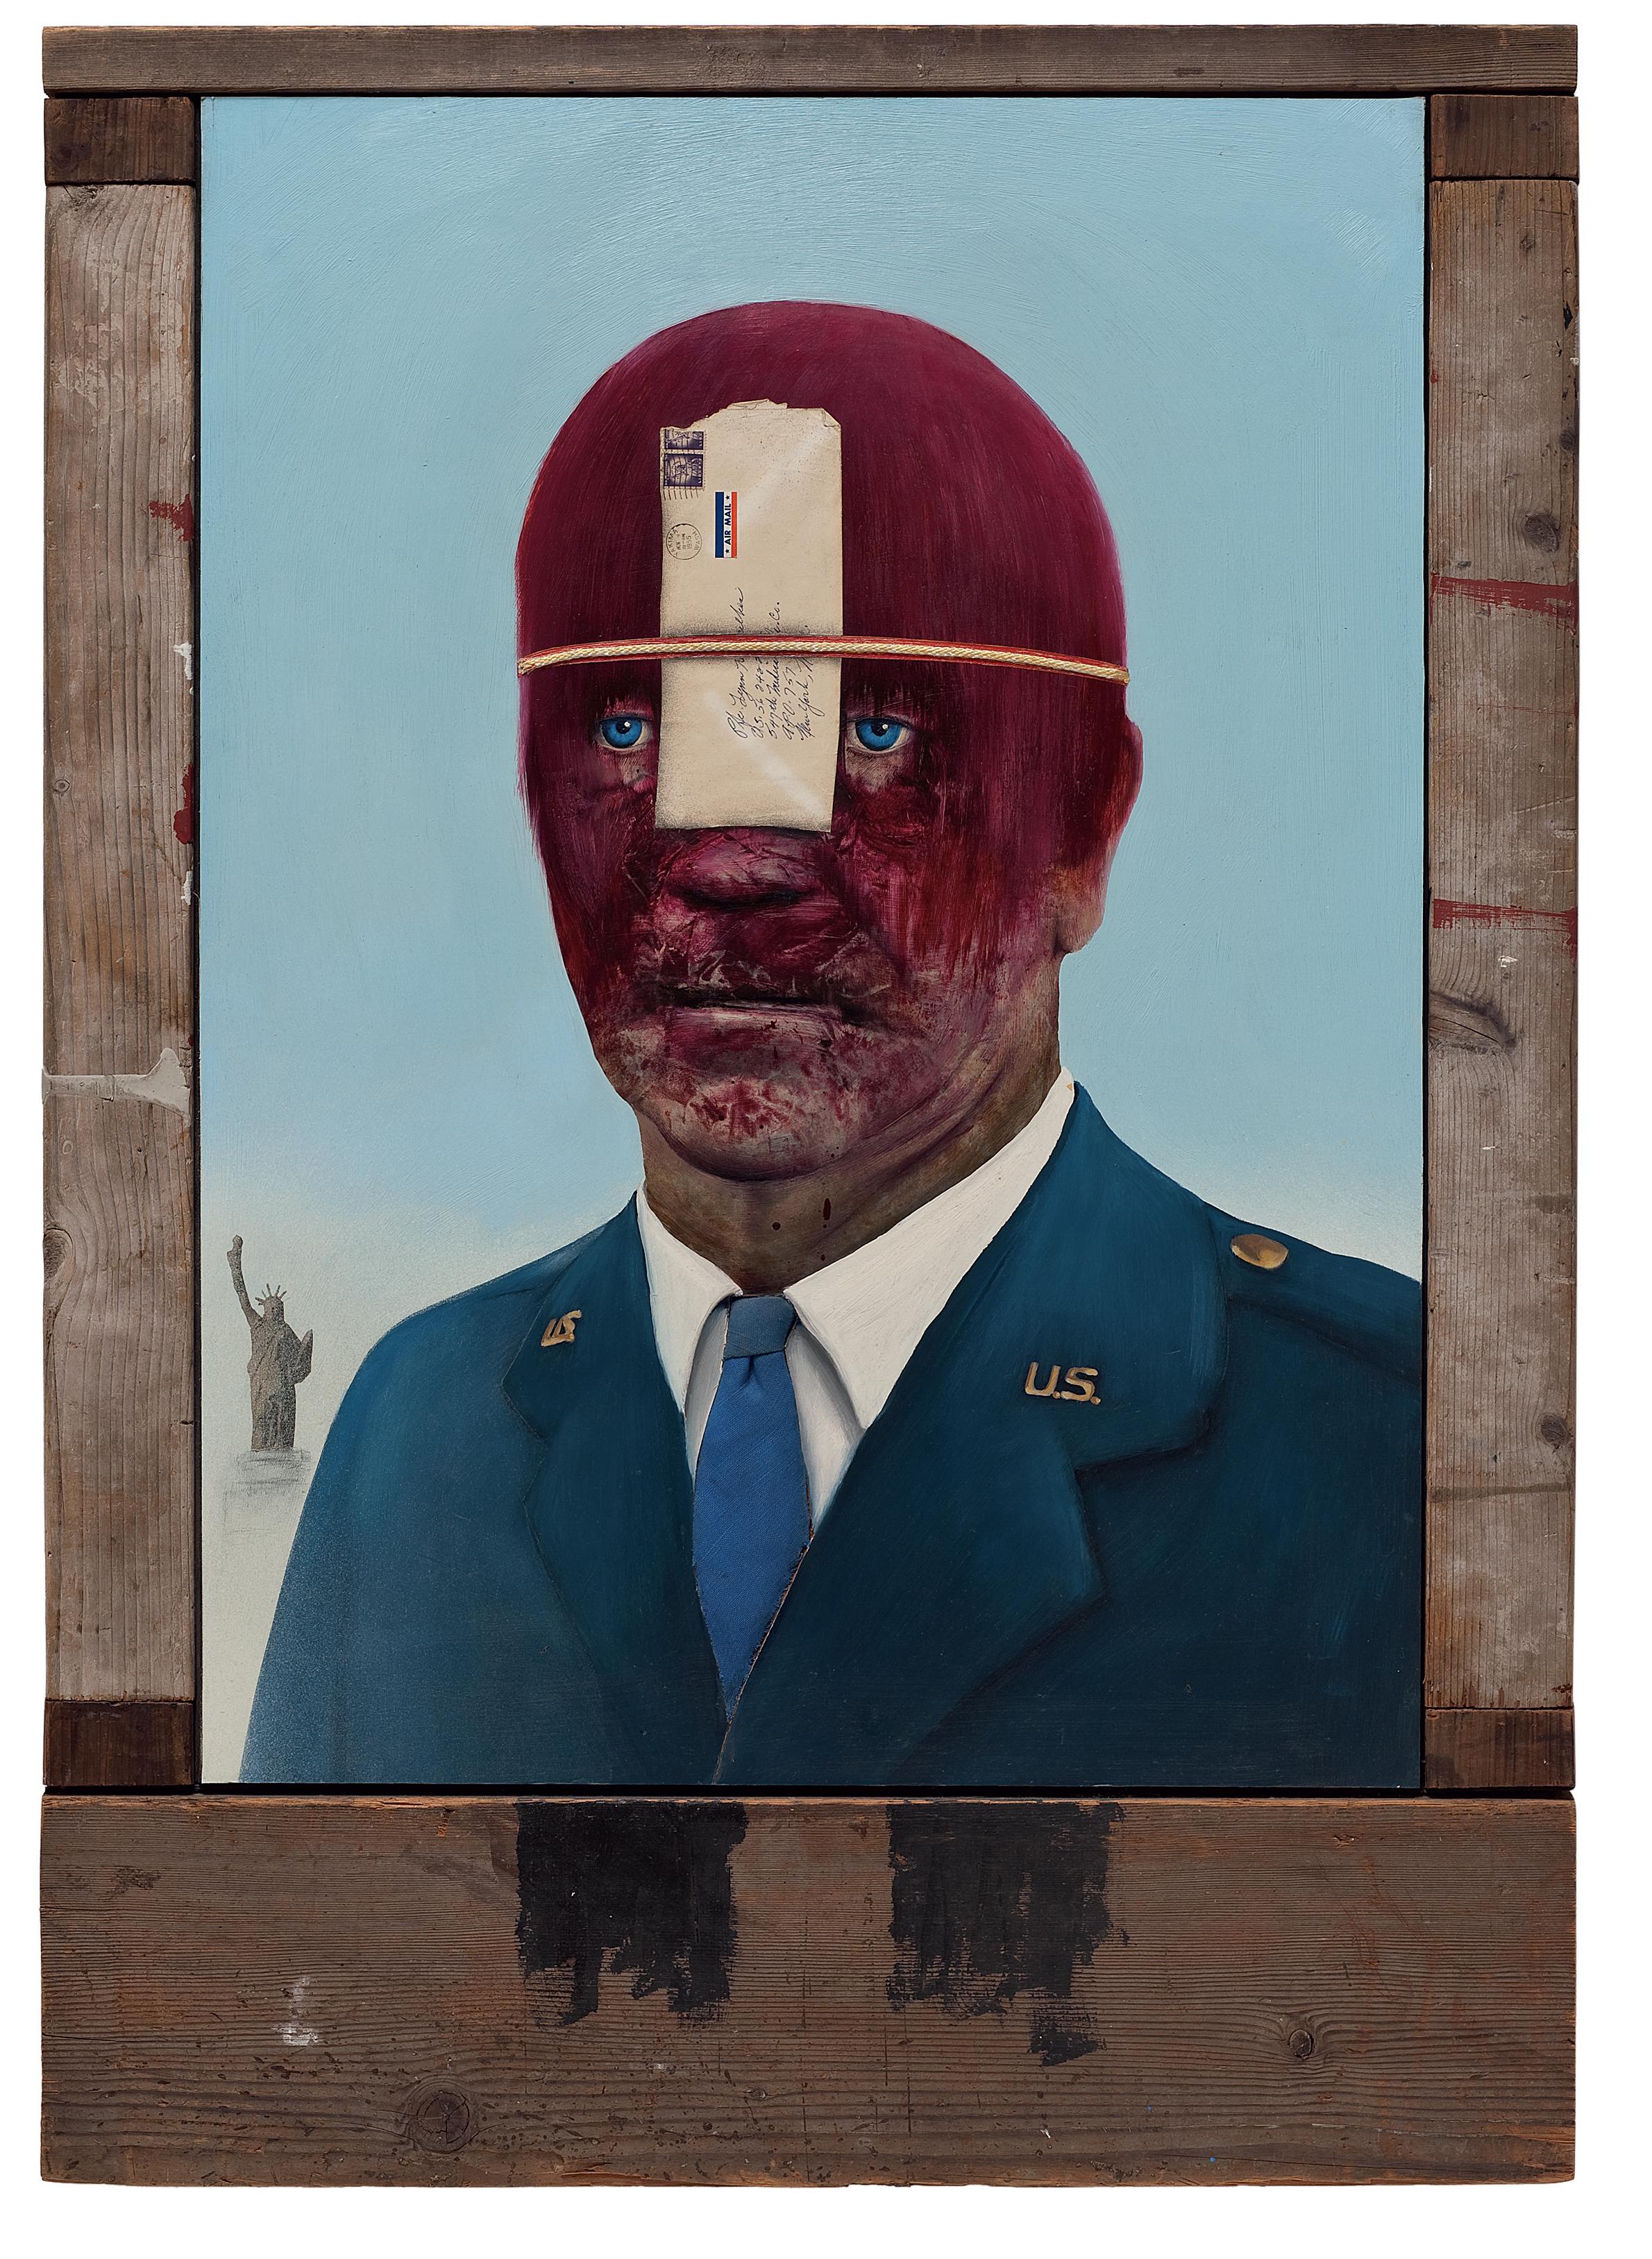 2013-05-21-BloodyHead.jpg